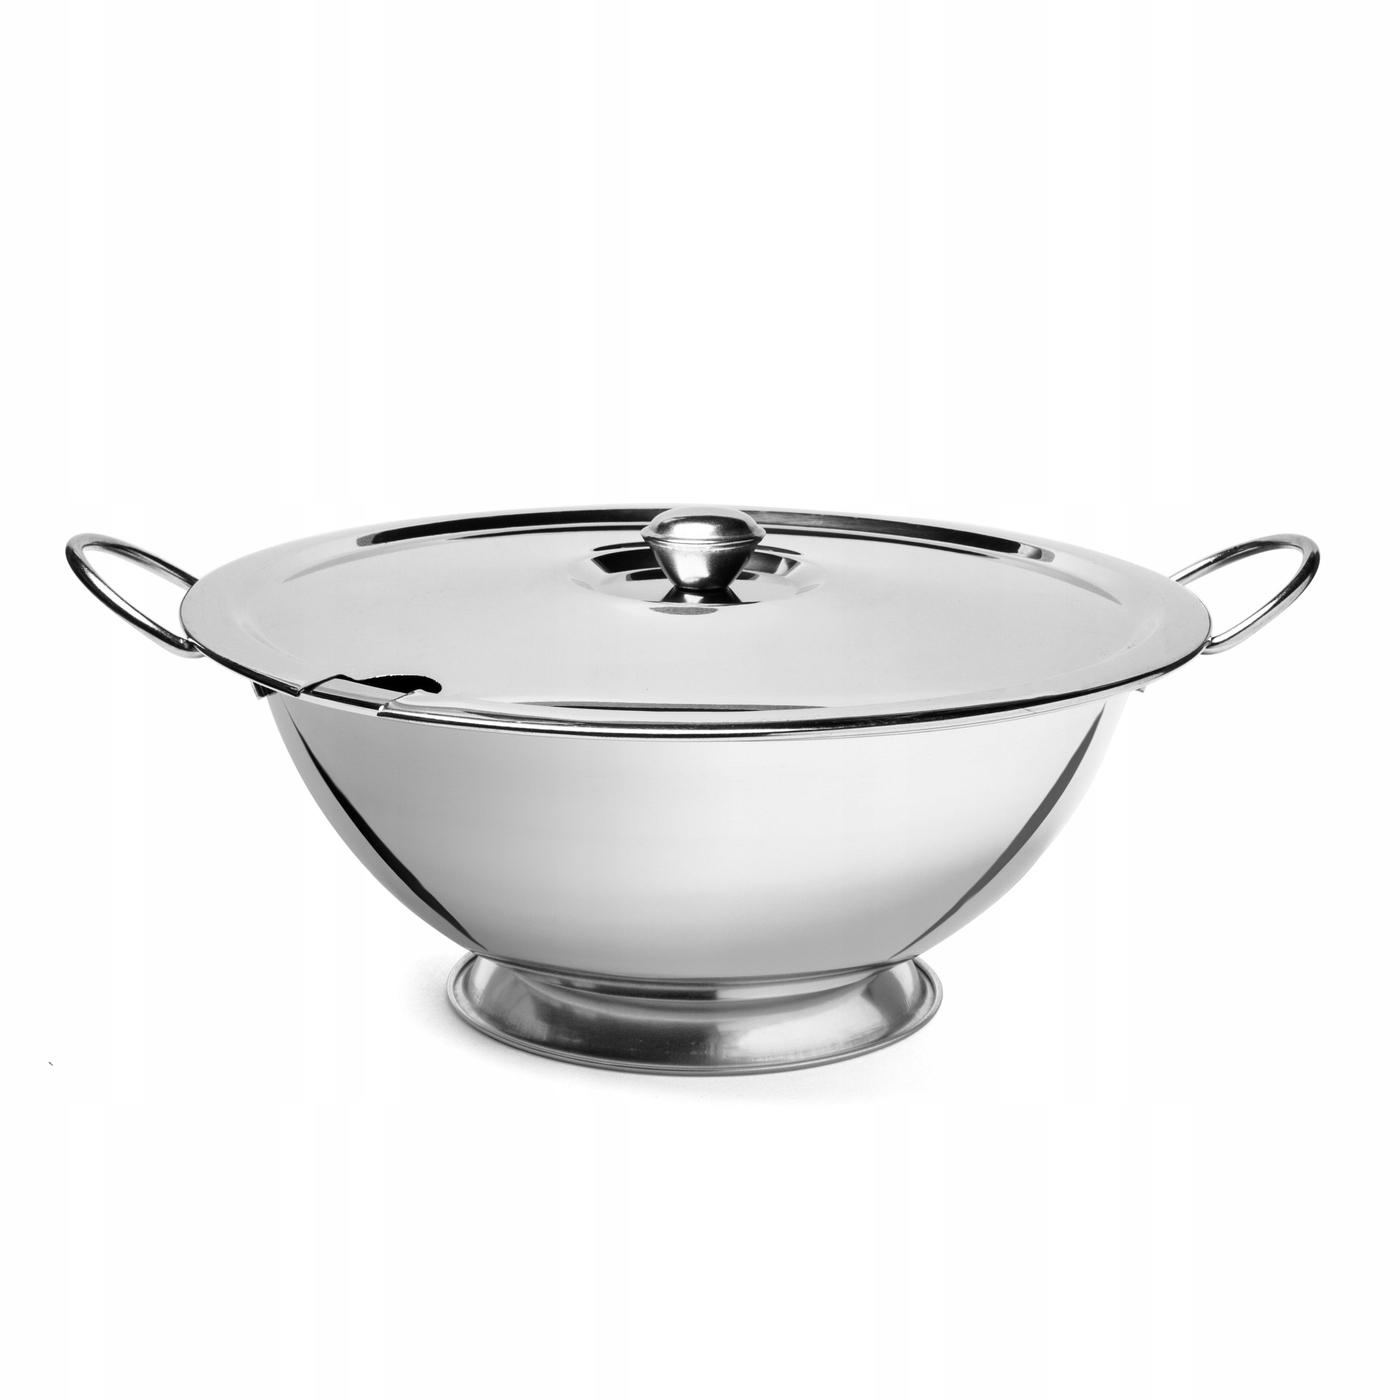 Стальная суповая ваза, Тадар кухня, 2,5 л